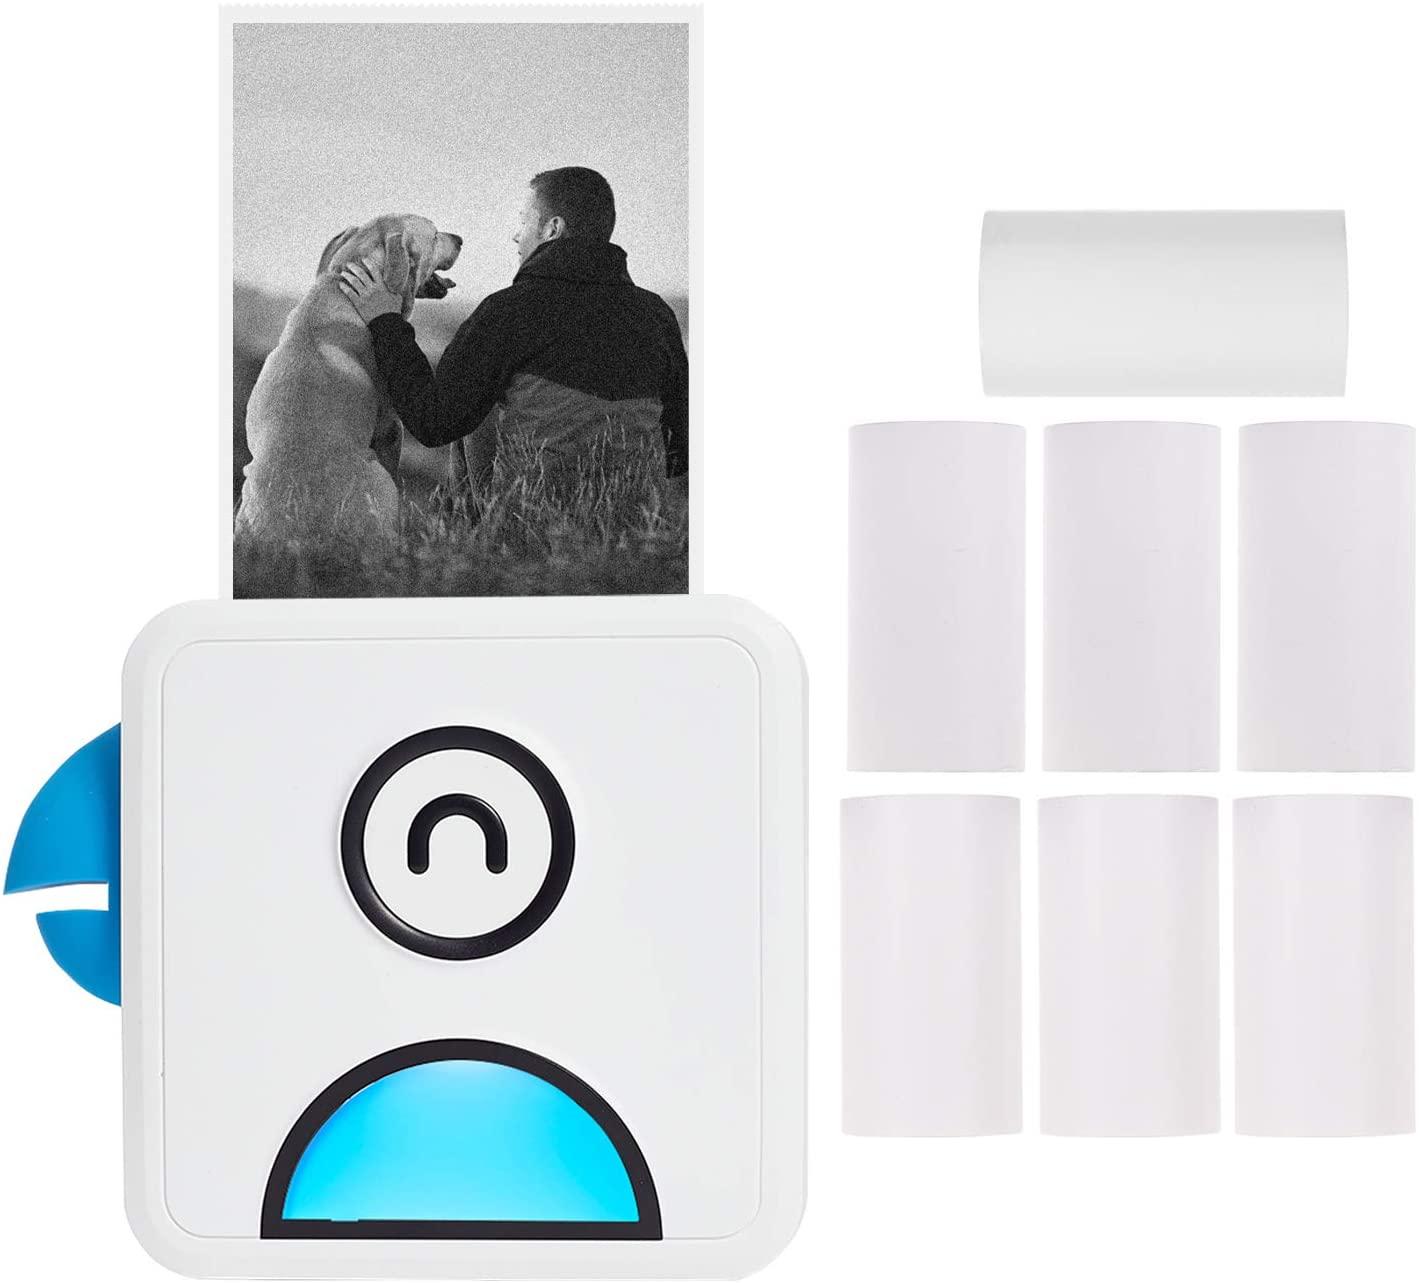 Impresora fotográfica térmica de bolsillo Aibecy